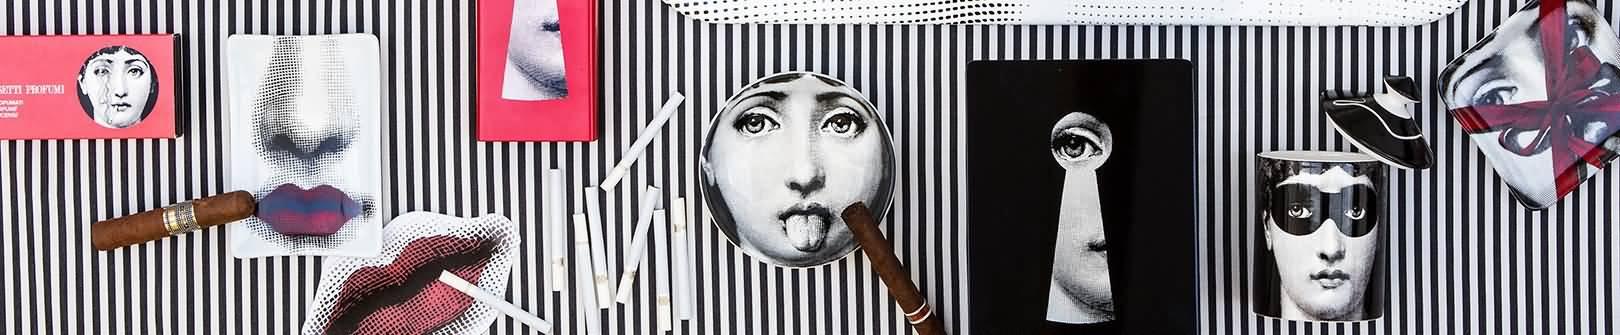 Accesorios para fumar